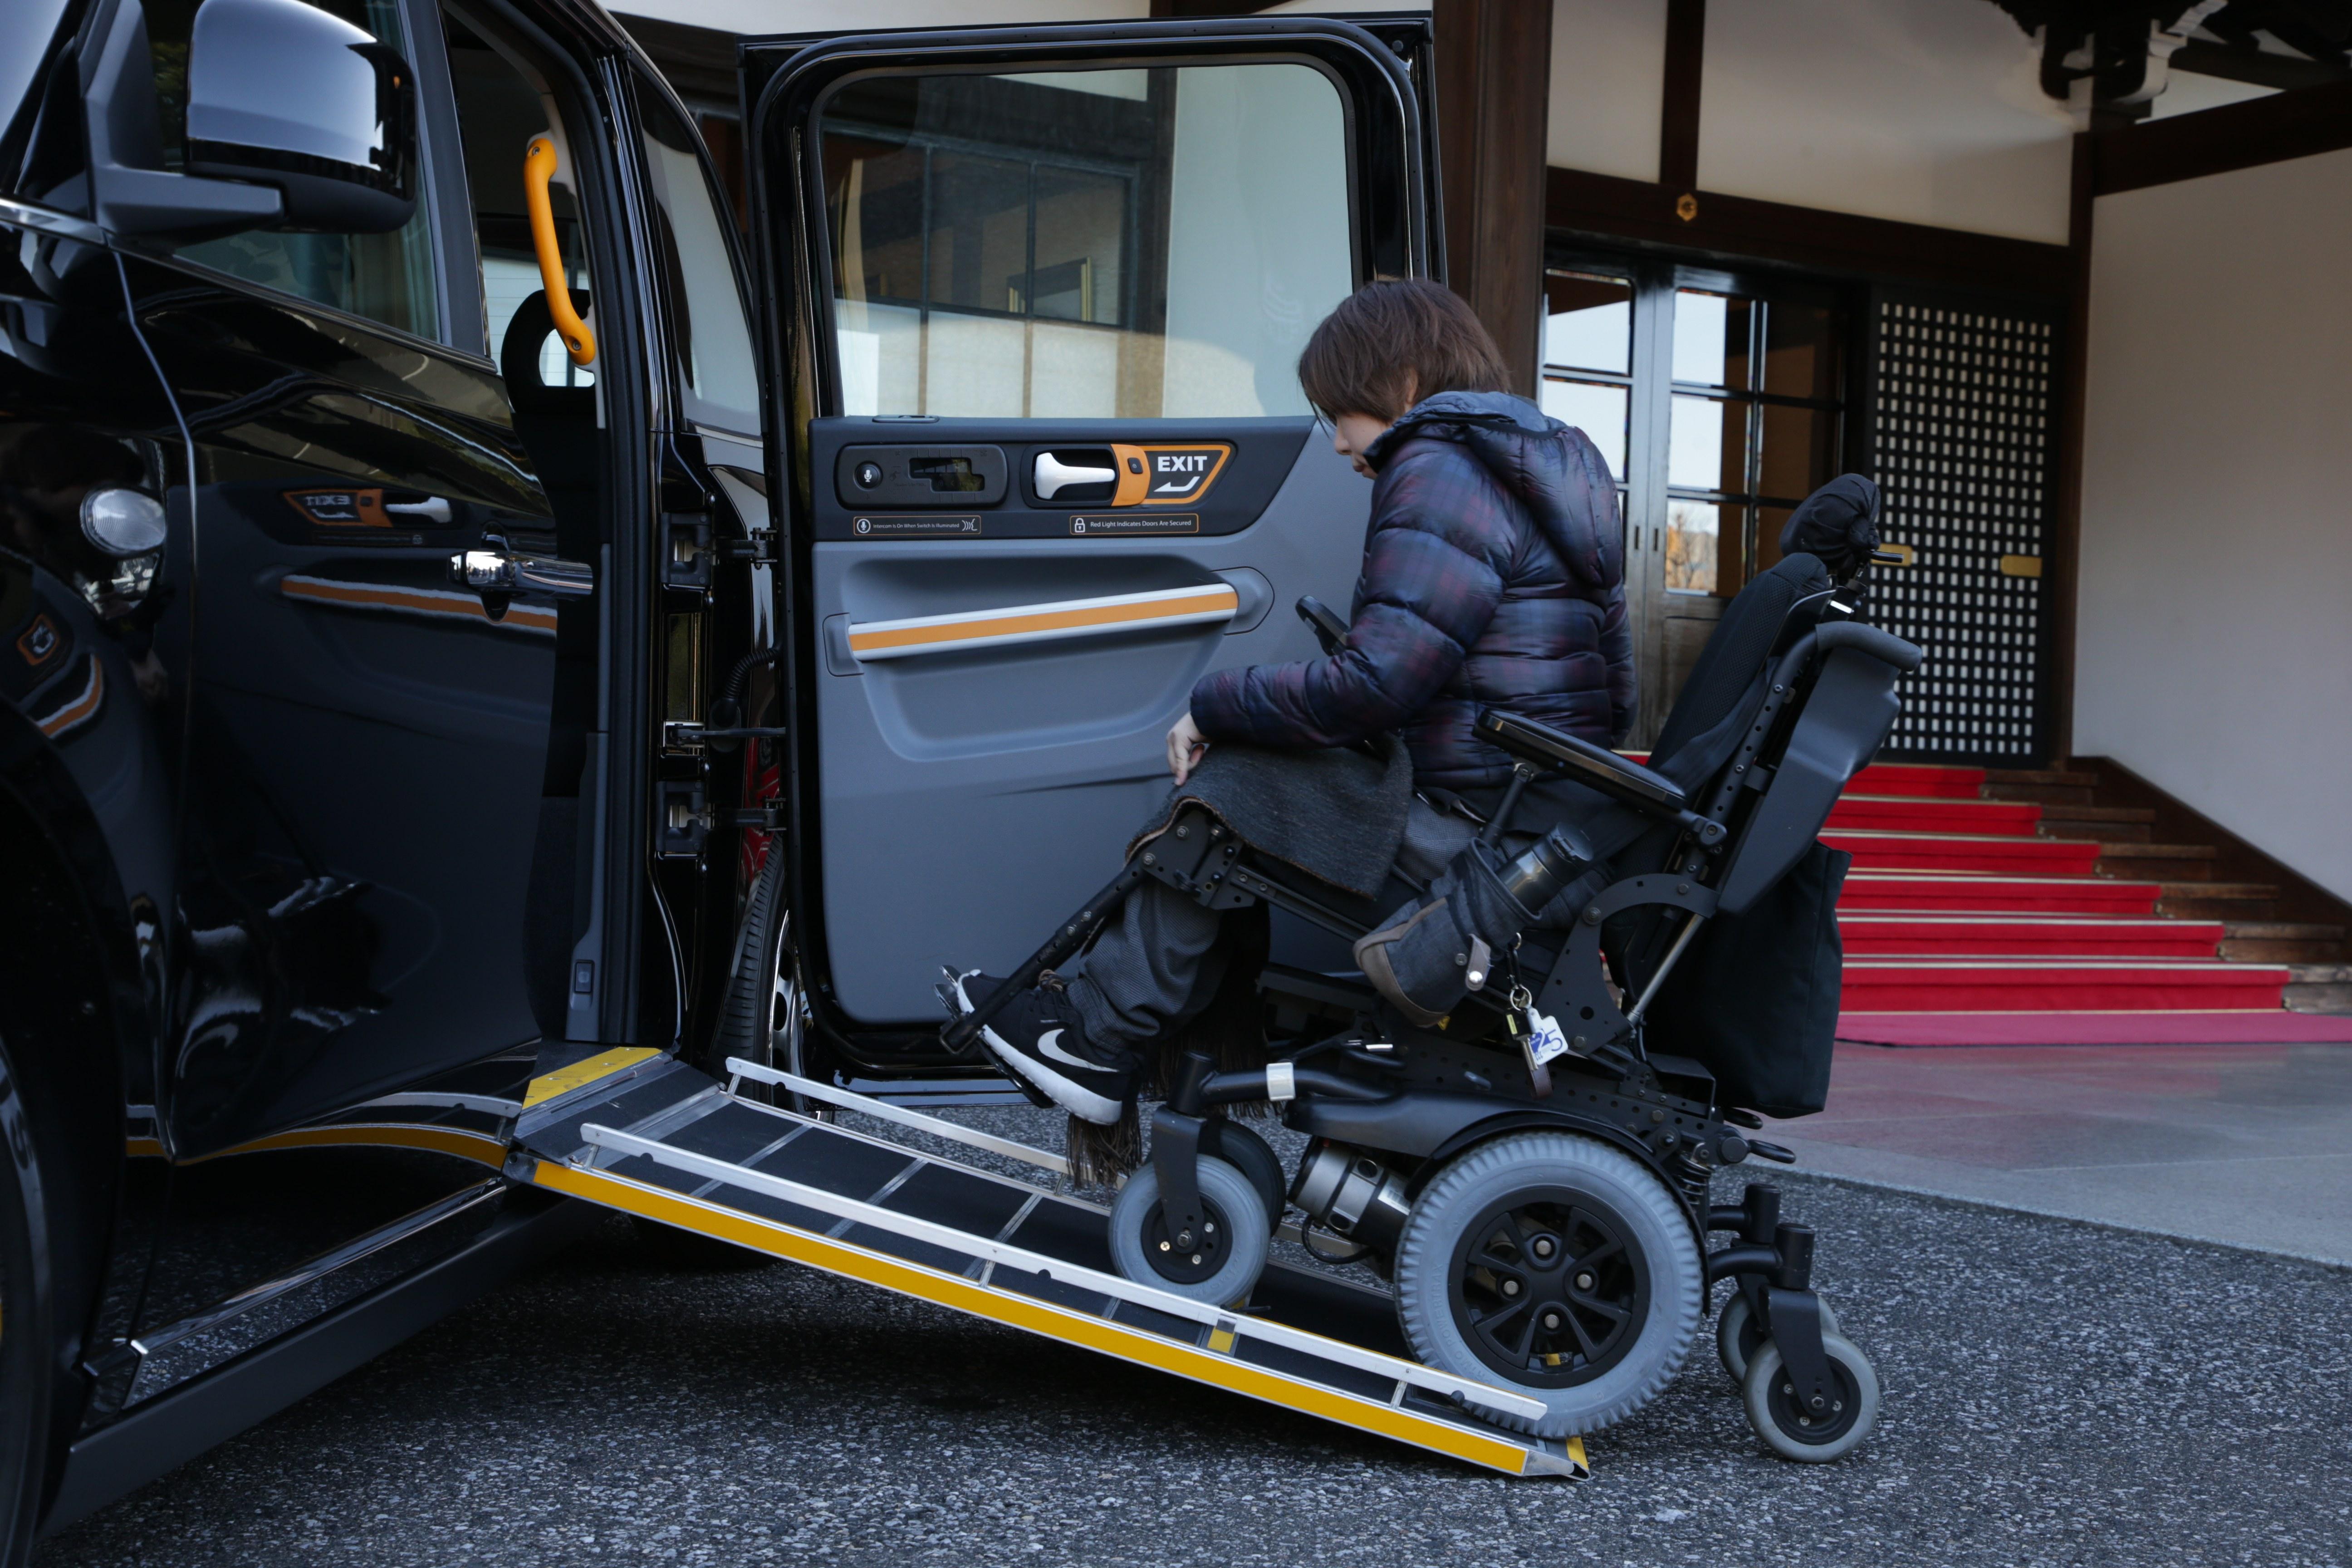 ロンドン・タクシーもエコな時代へ! より人に優しくなった新型が日本上陸